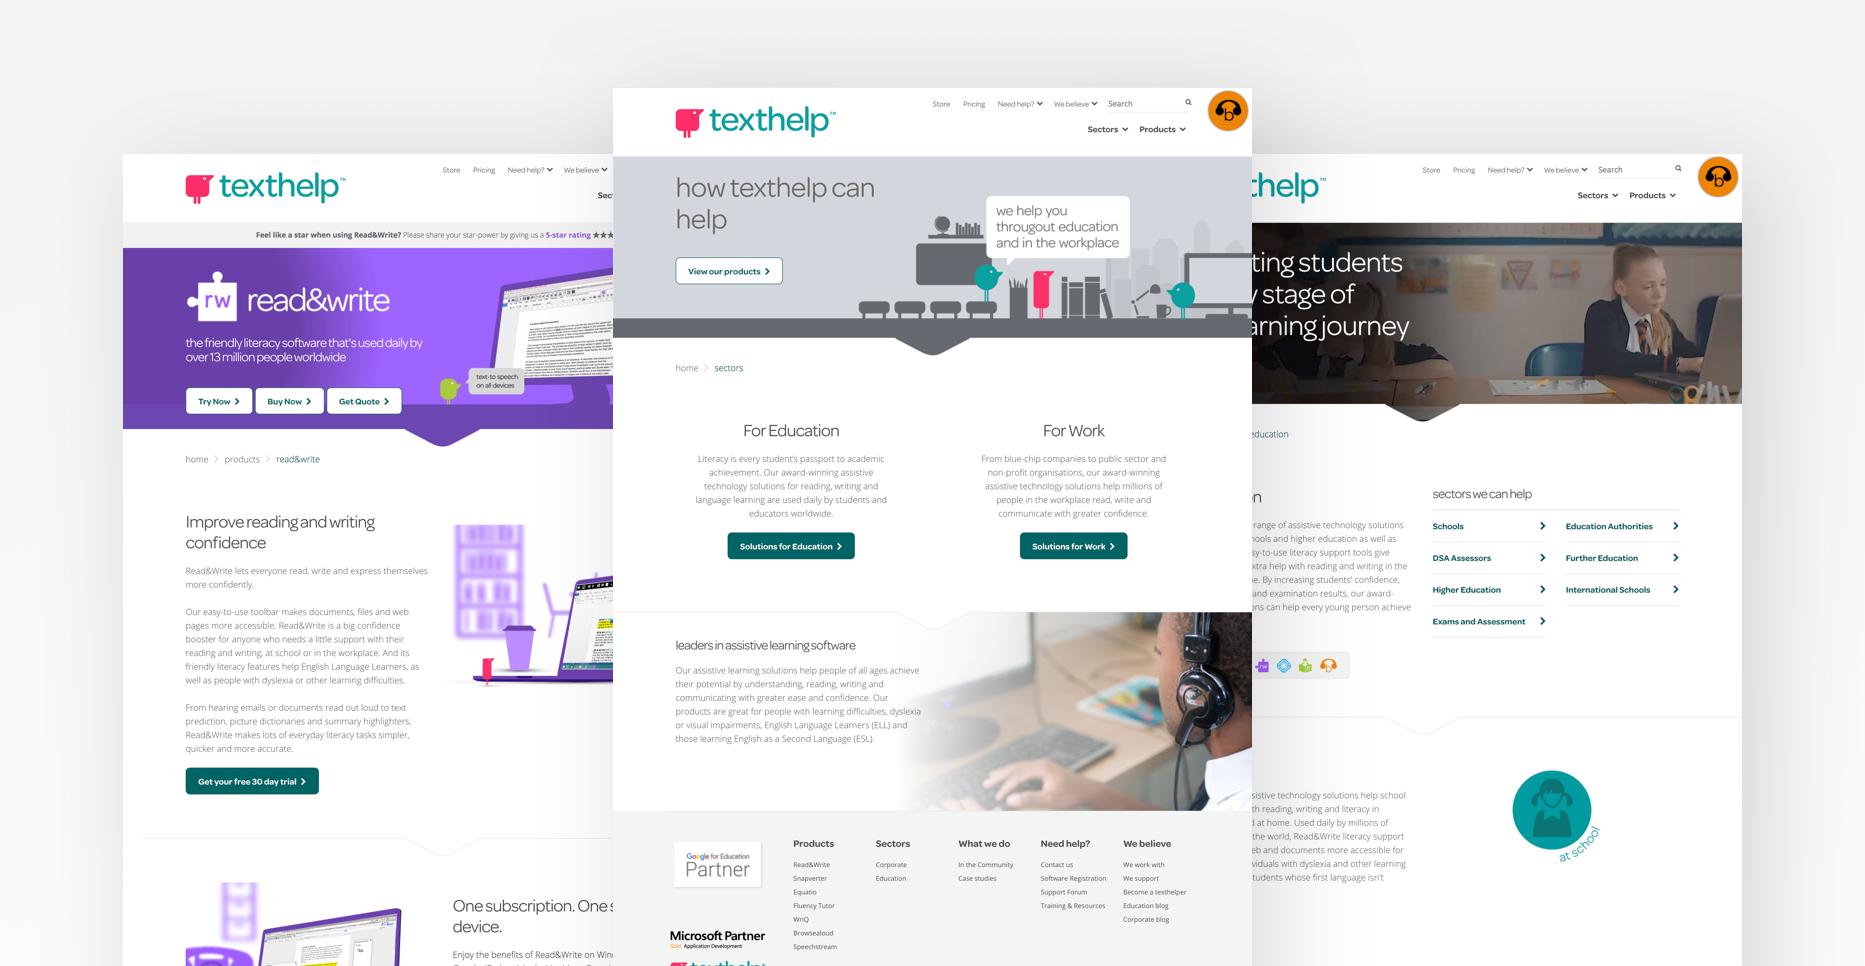 Texthelp website screens